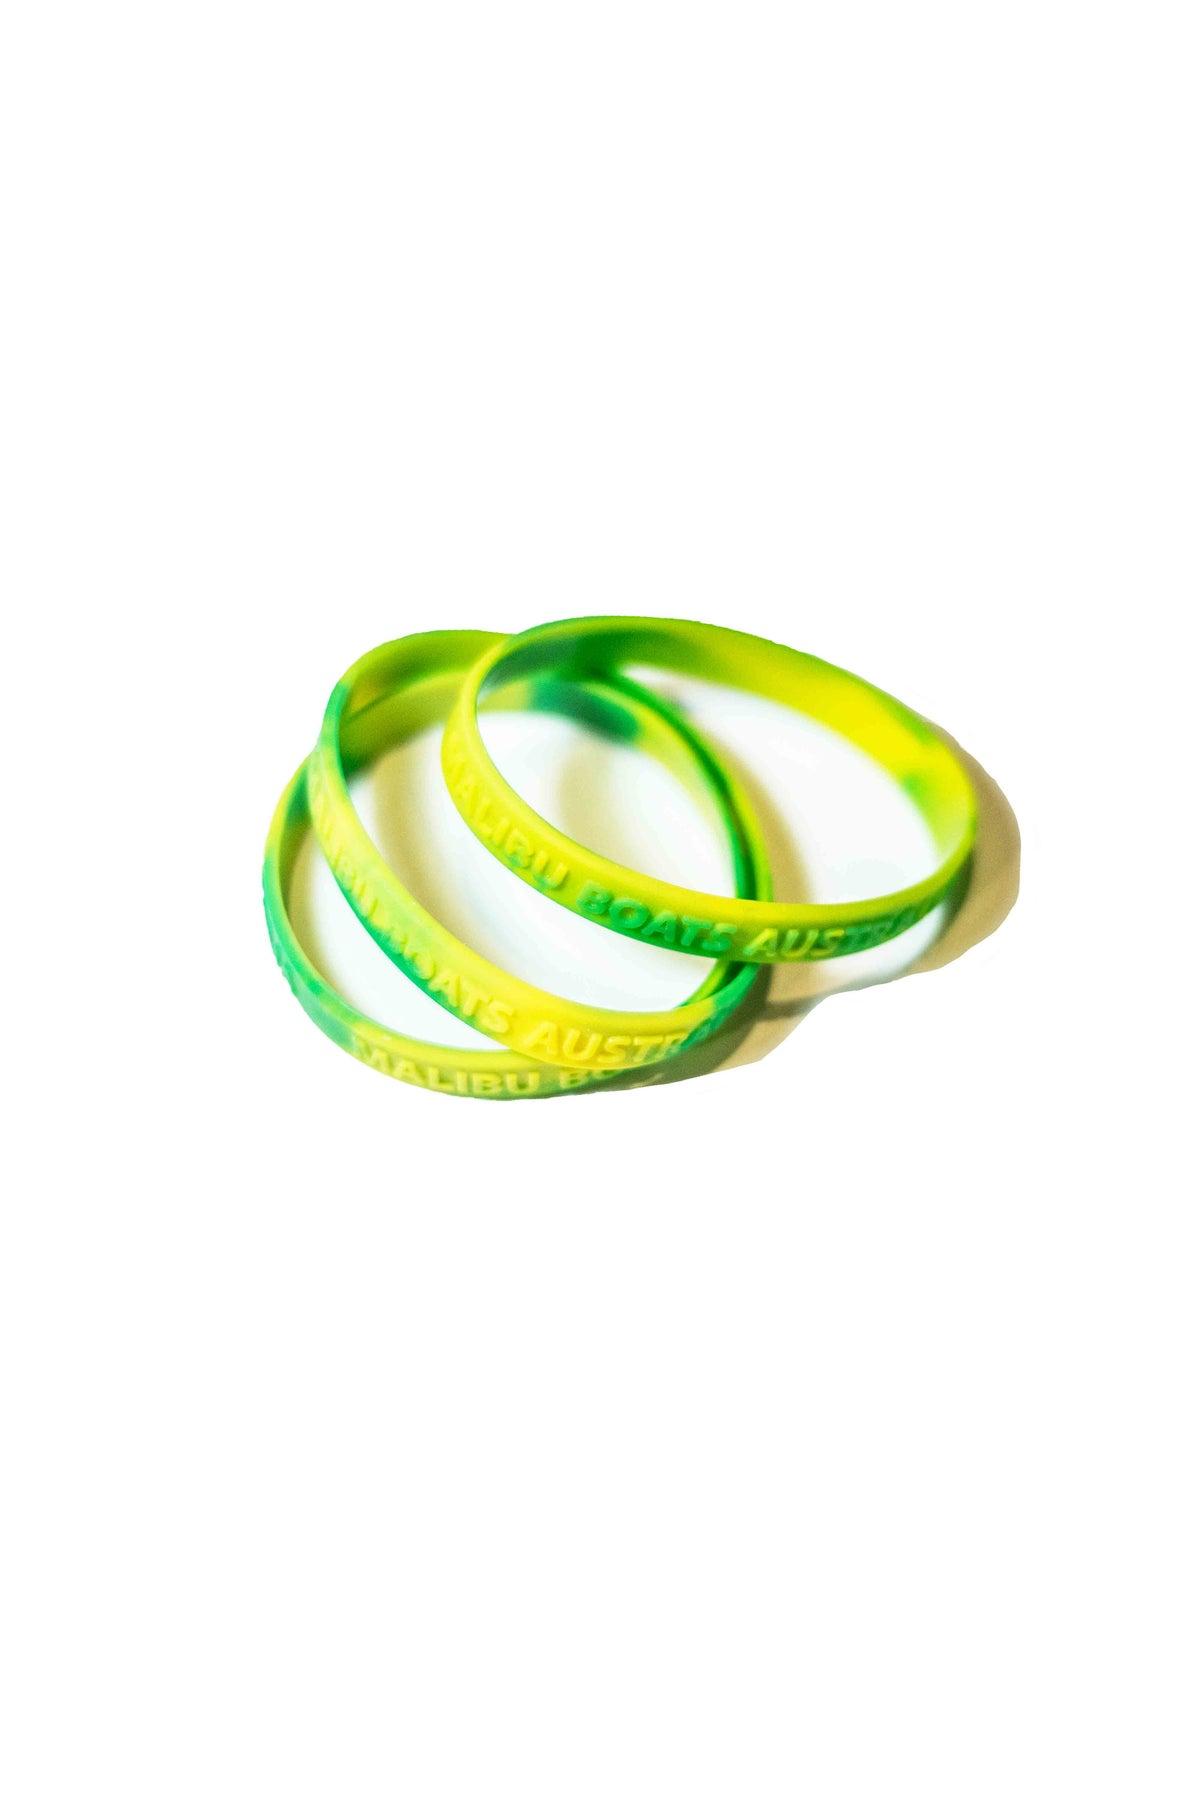 Image of Malibu Boats Wrist Bands